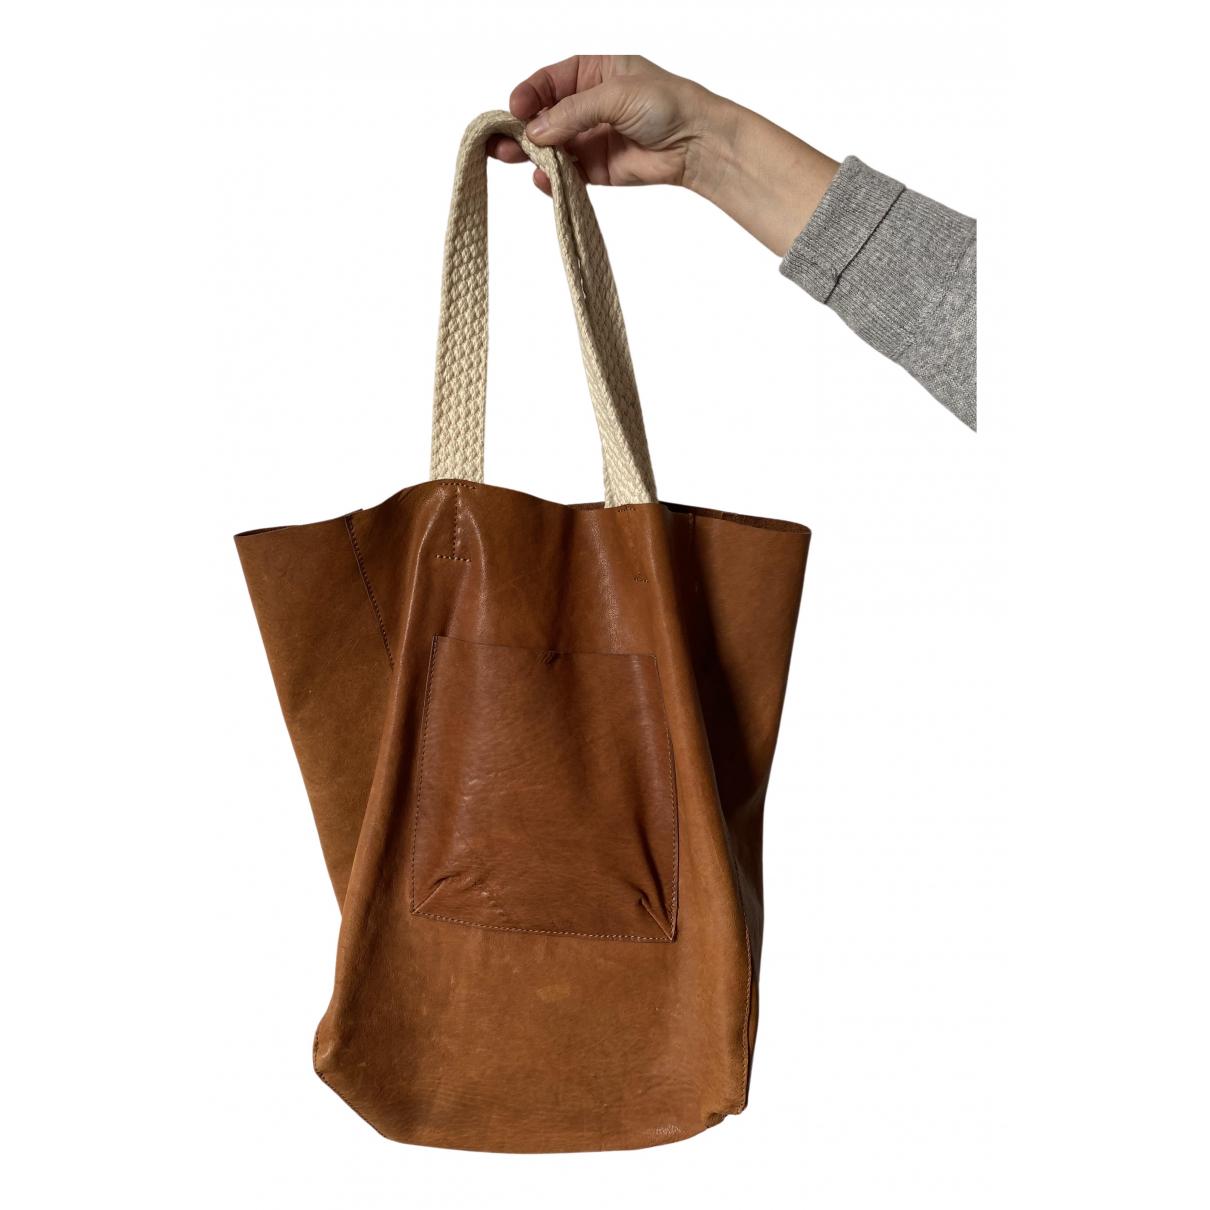 Bellerose \N Handtasche in  Kamel Leder